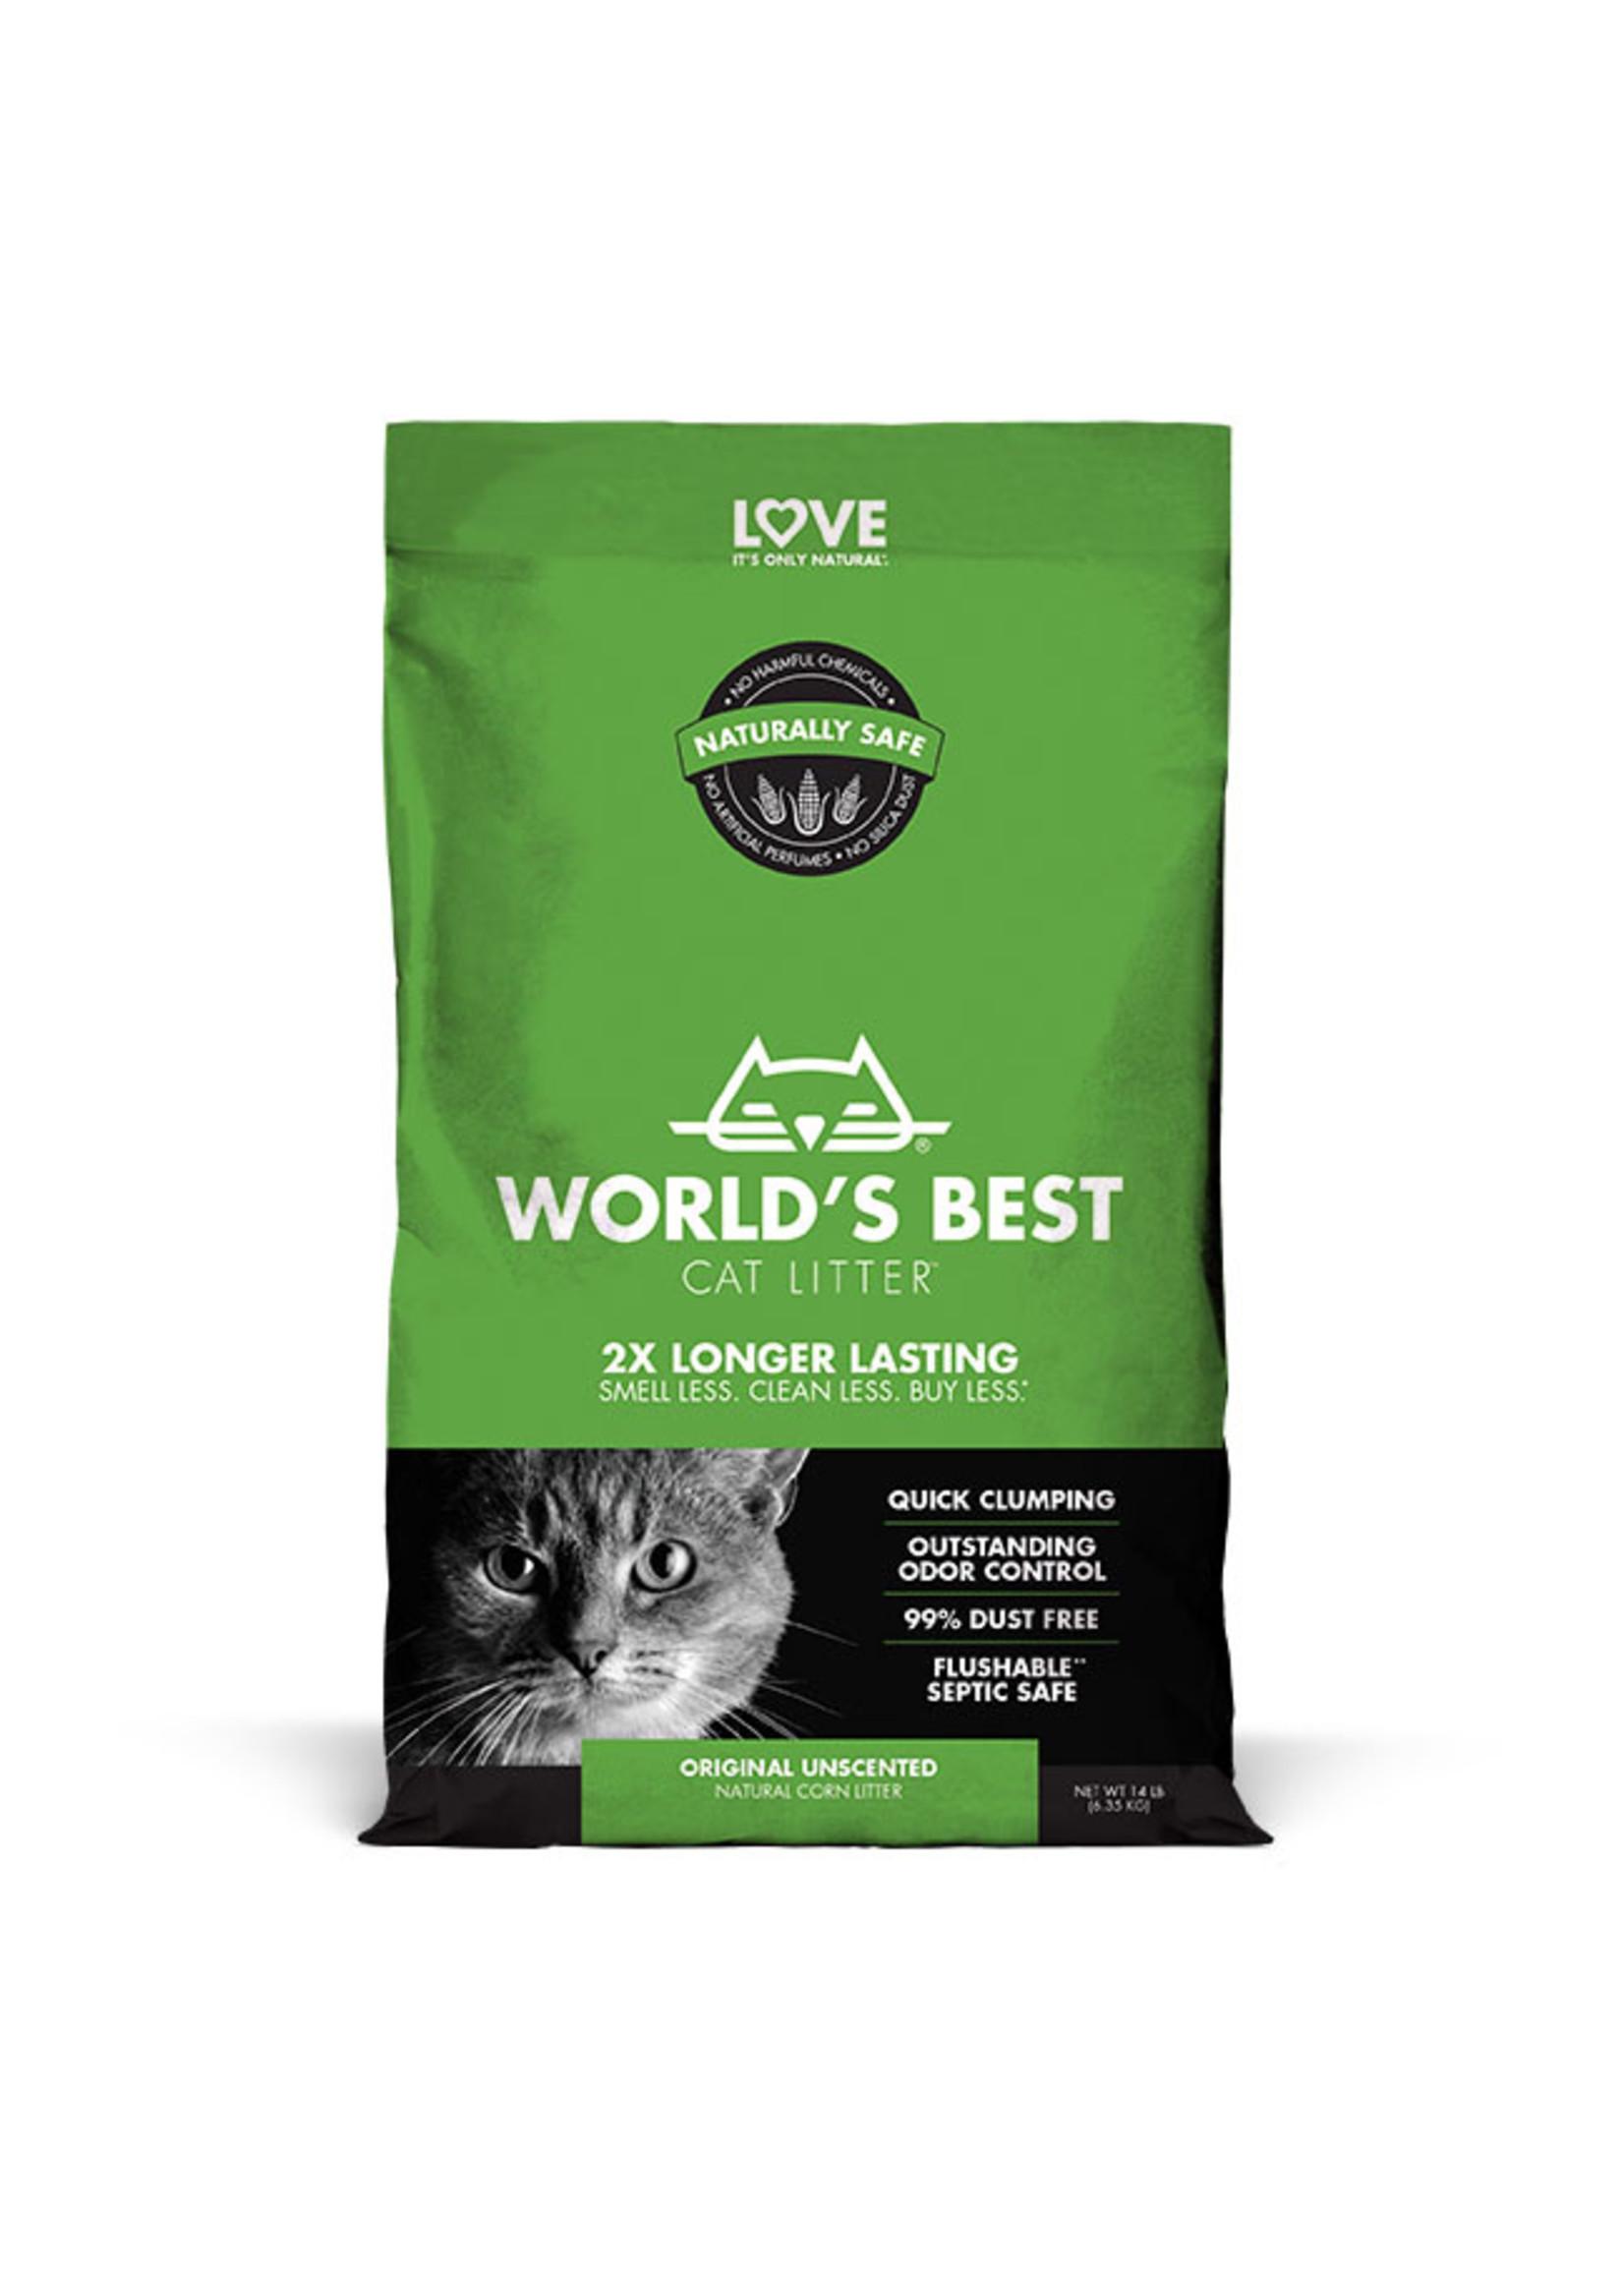 World's Best Cat Litter World's Best Cat Litter Original Unscented